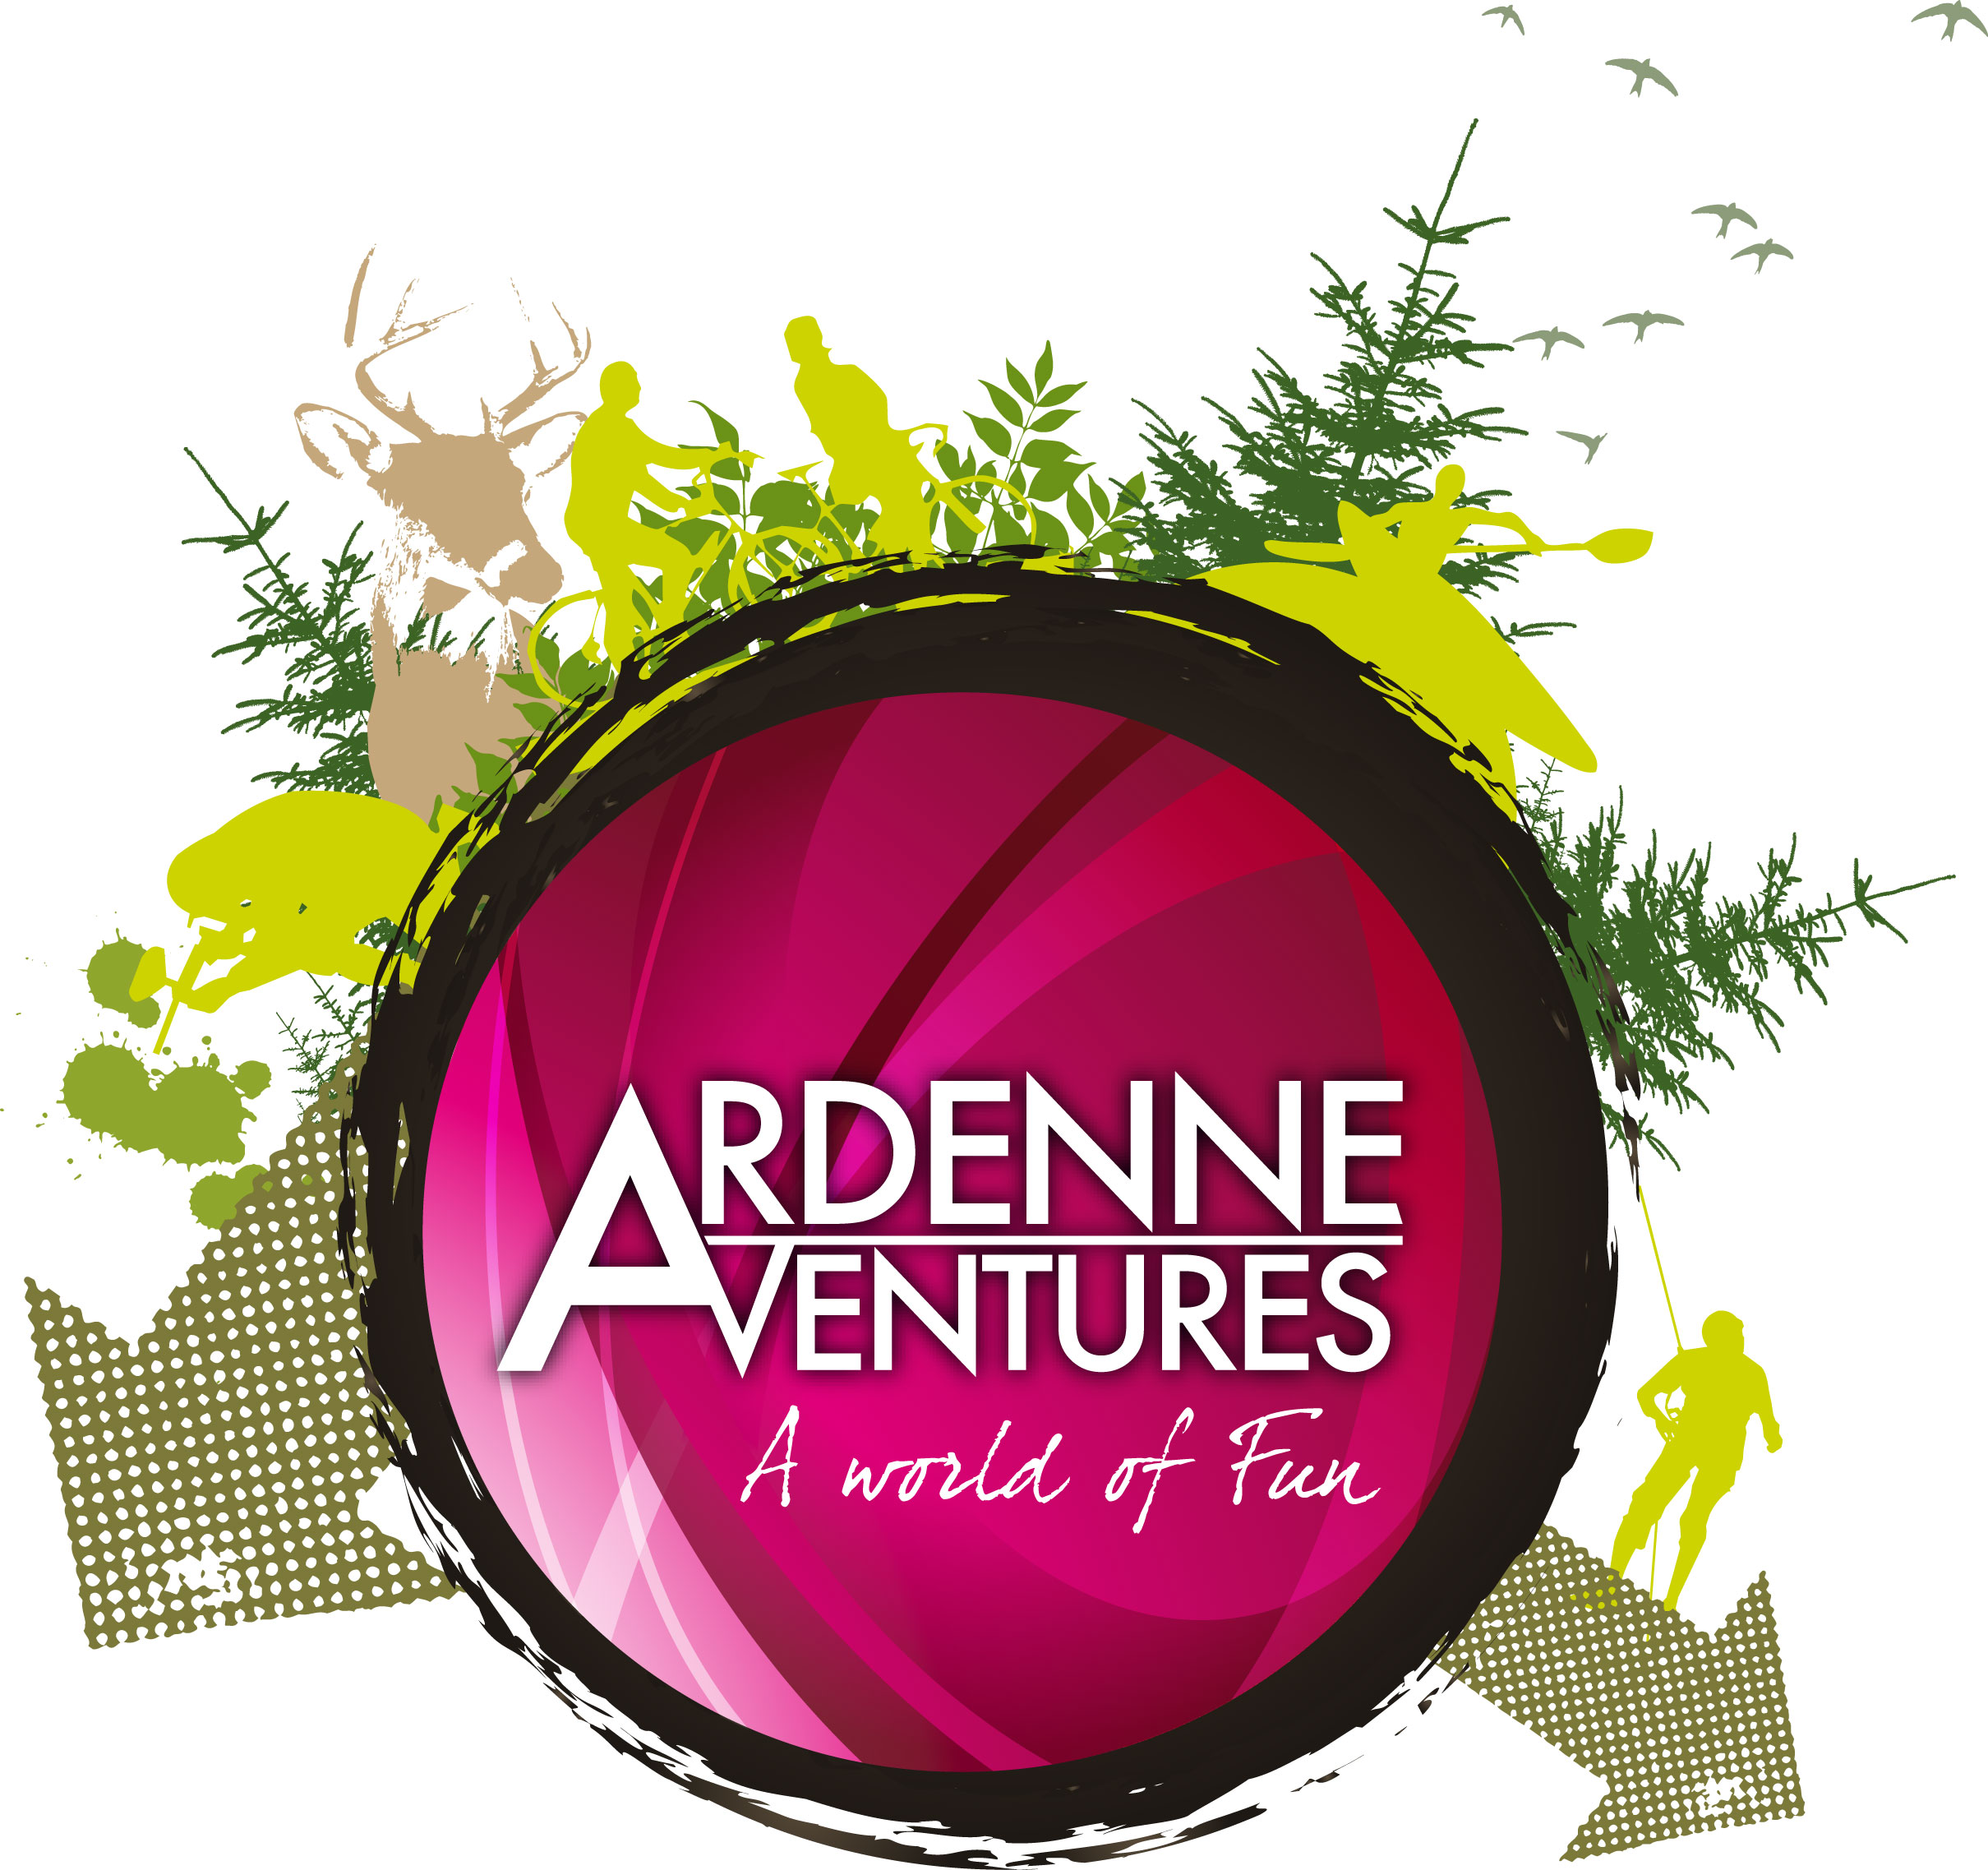 Ardenne Aventures - Afvaart van de Ourthe